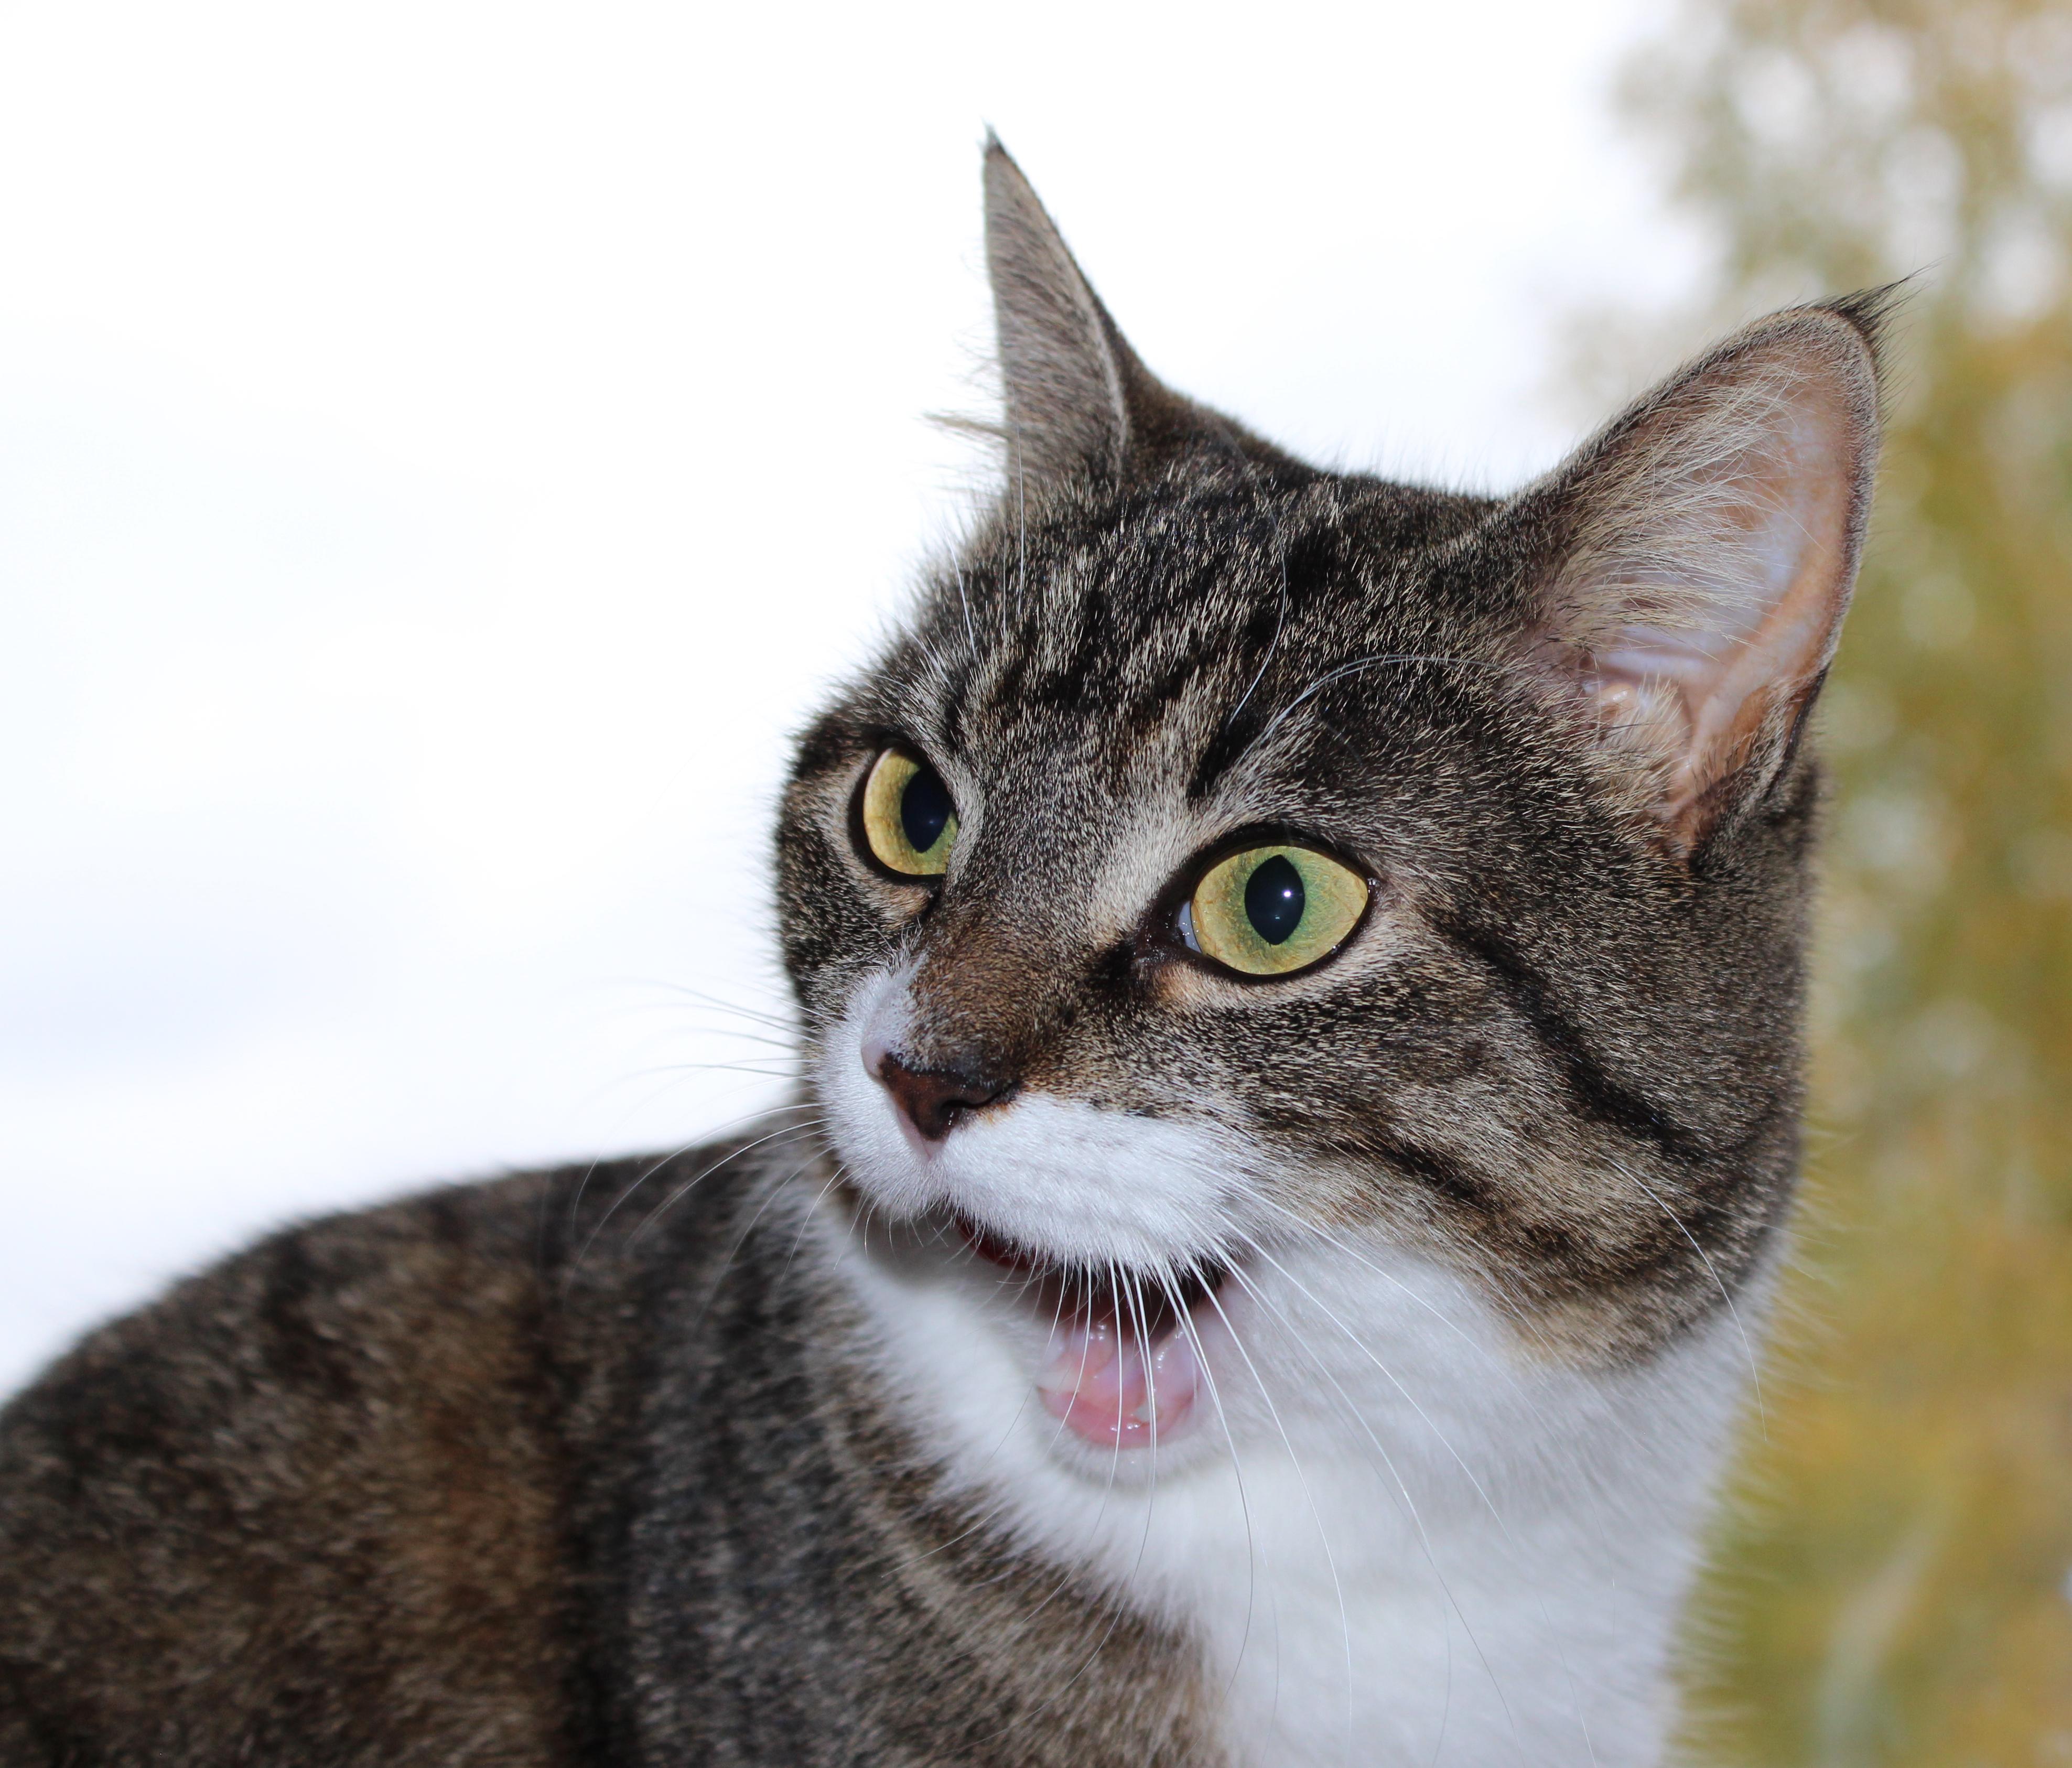 котенок удивлен фото объективы камеры попали